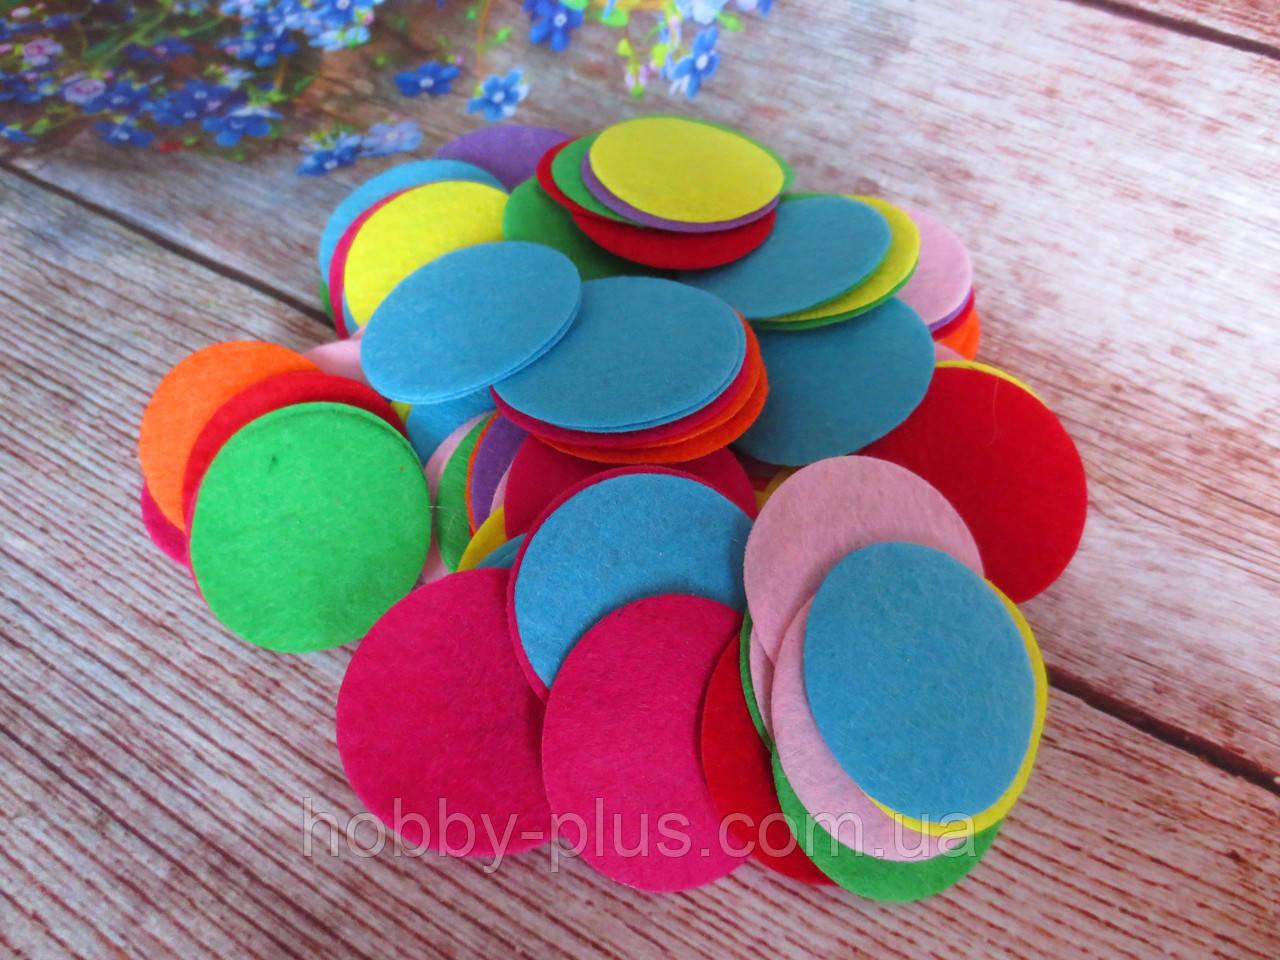 Фетровая заготовка круг, 4 см., цвет микс, 10 грамм, ~55 шт.